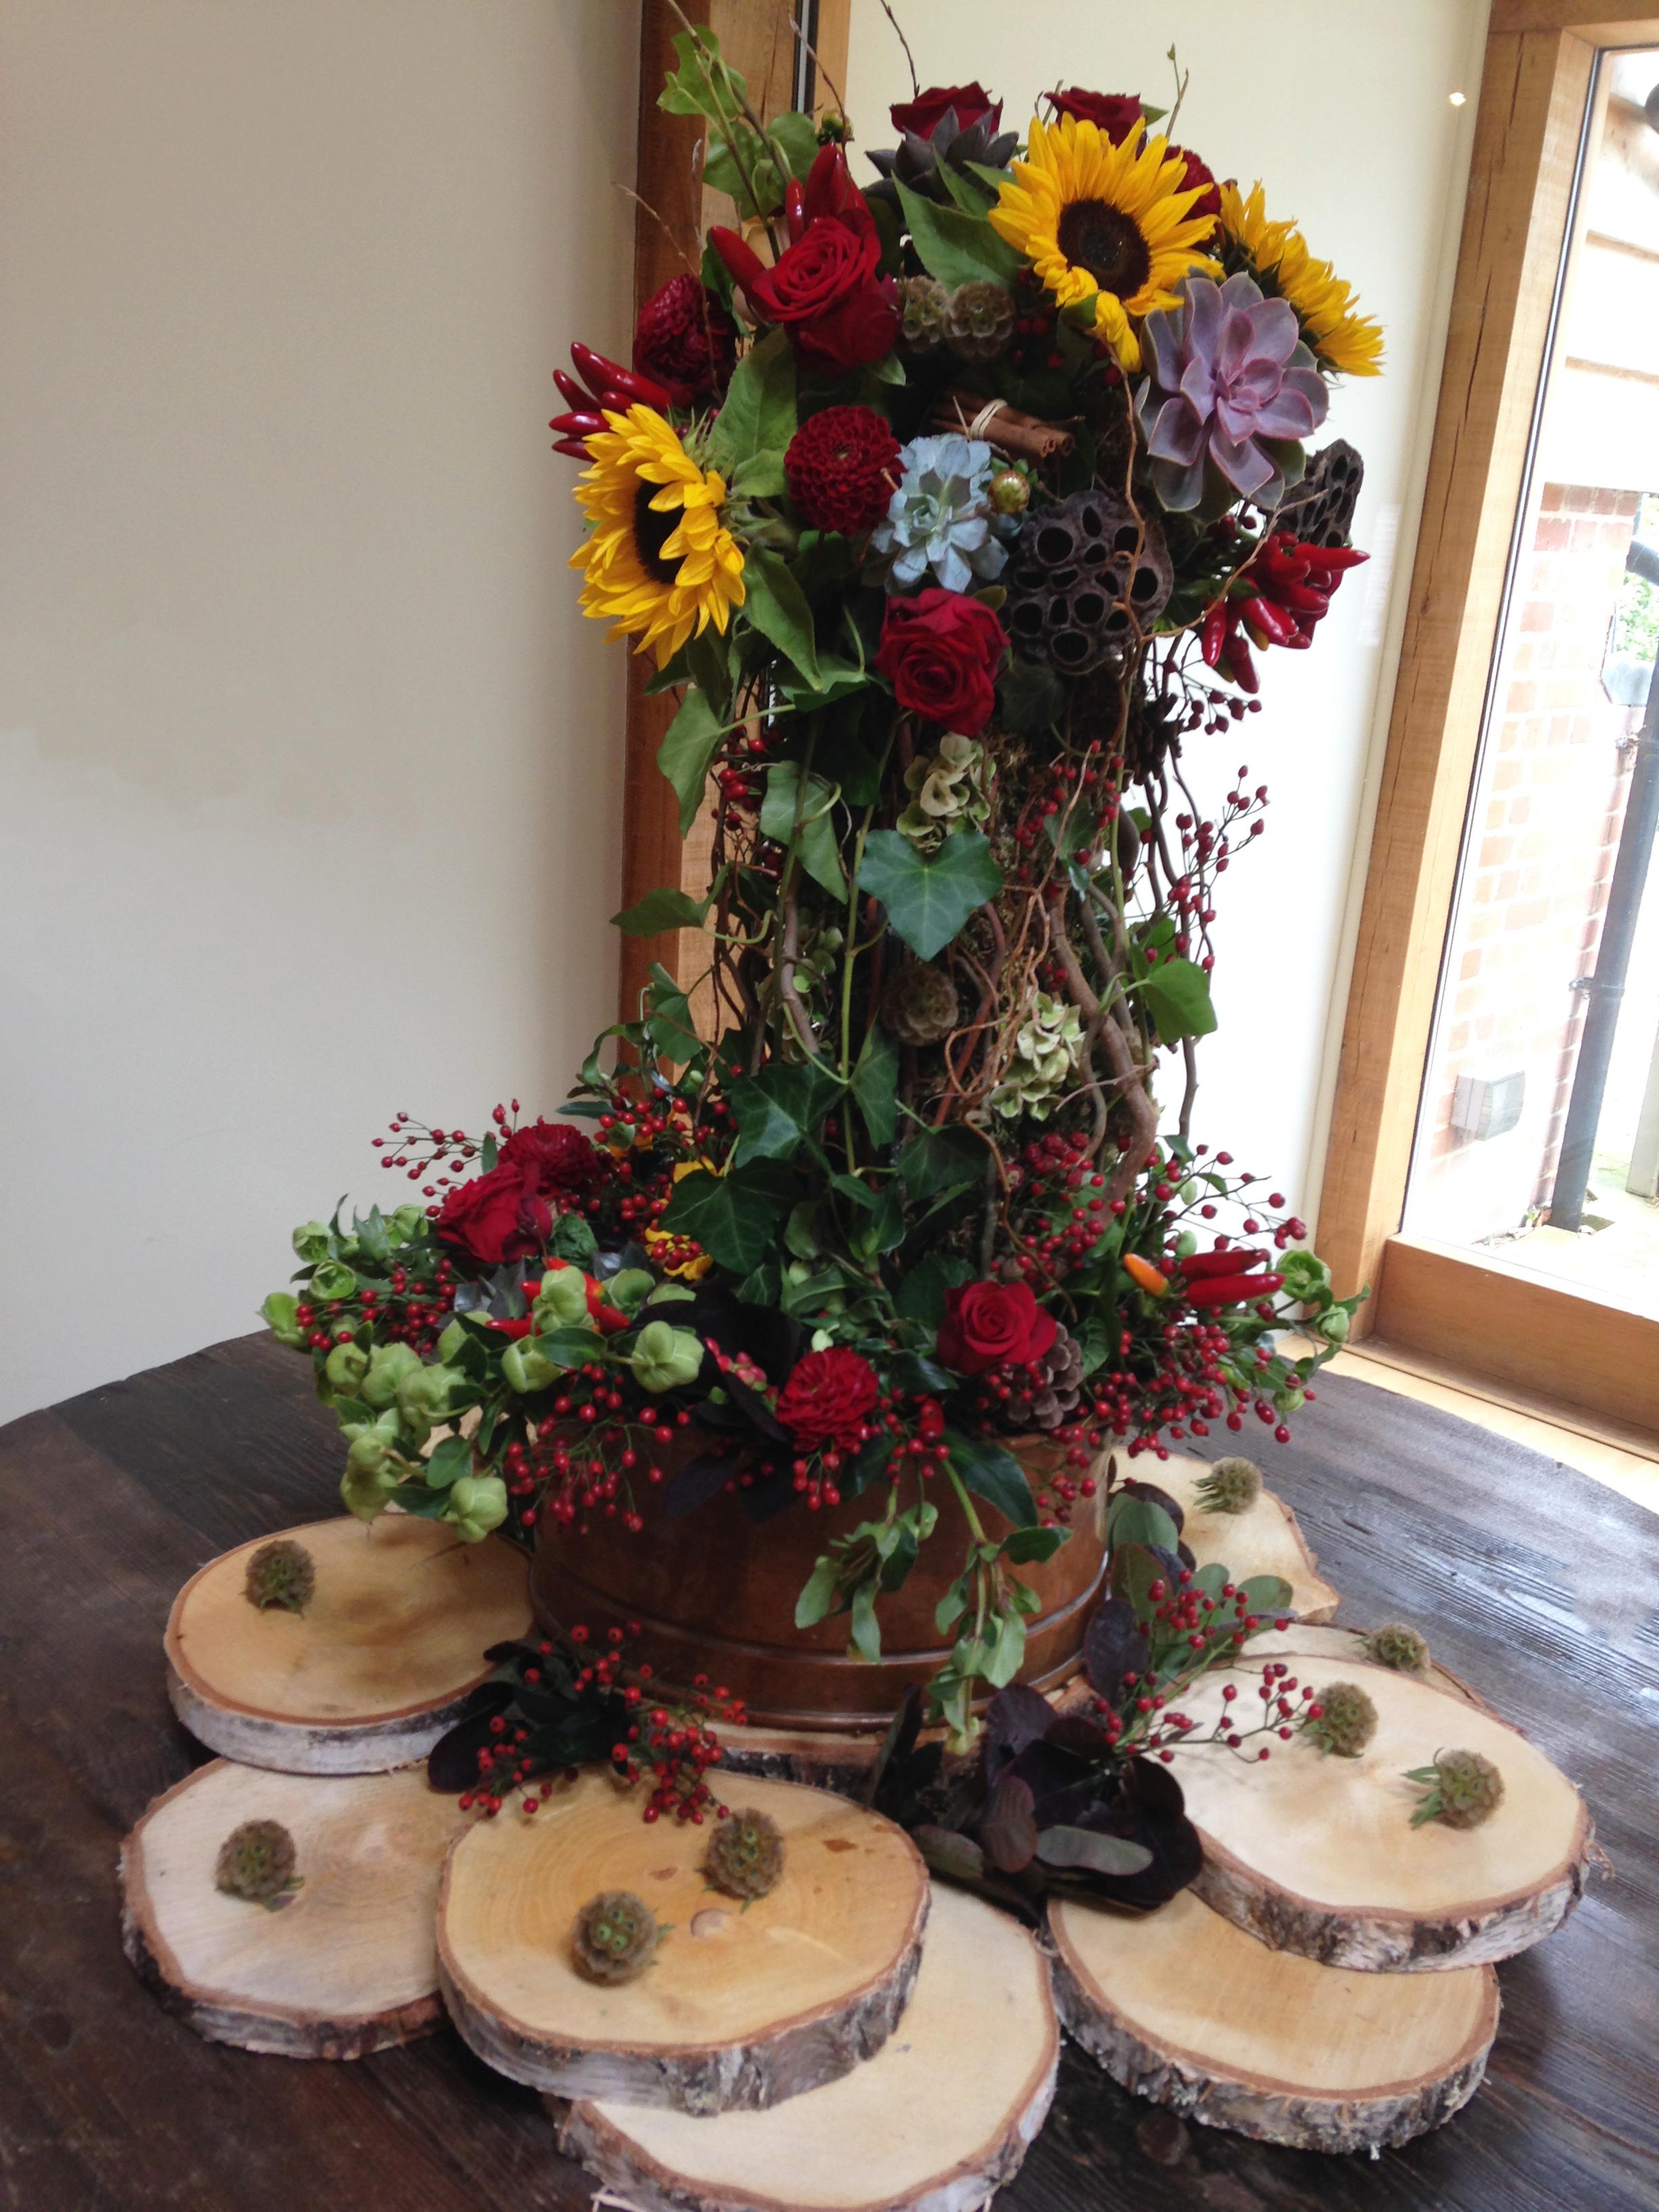 Sunflowers, Autumnal Wedding Arrangement Perfect for an